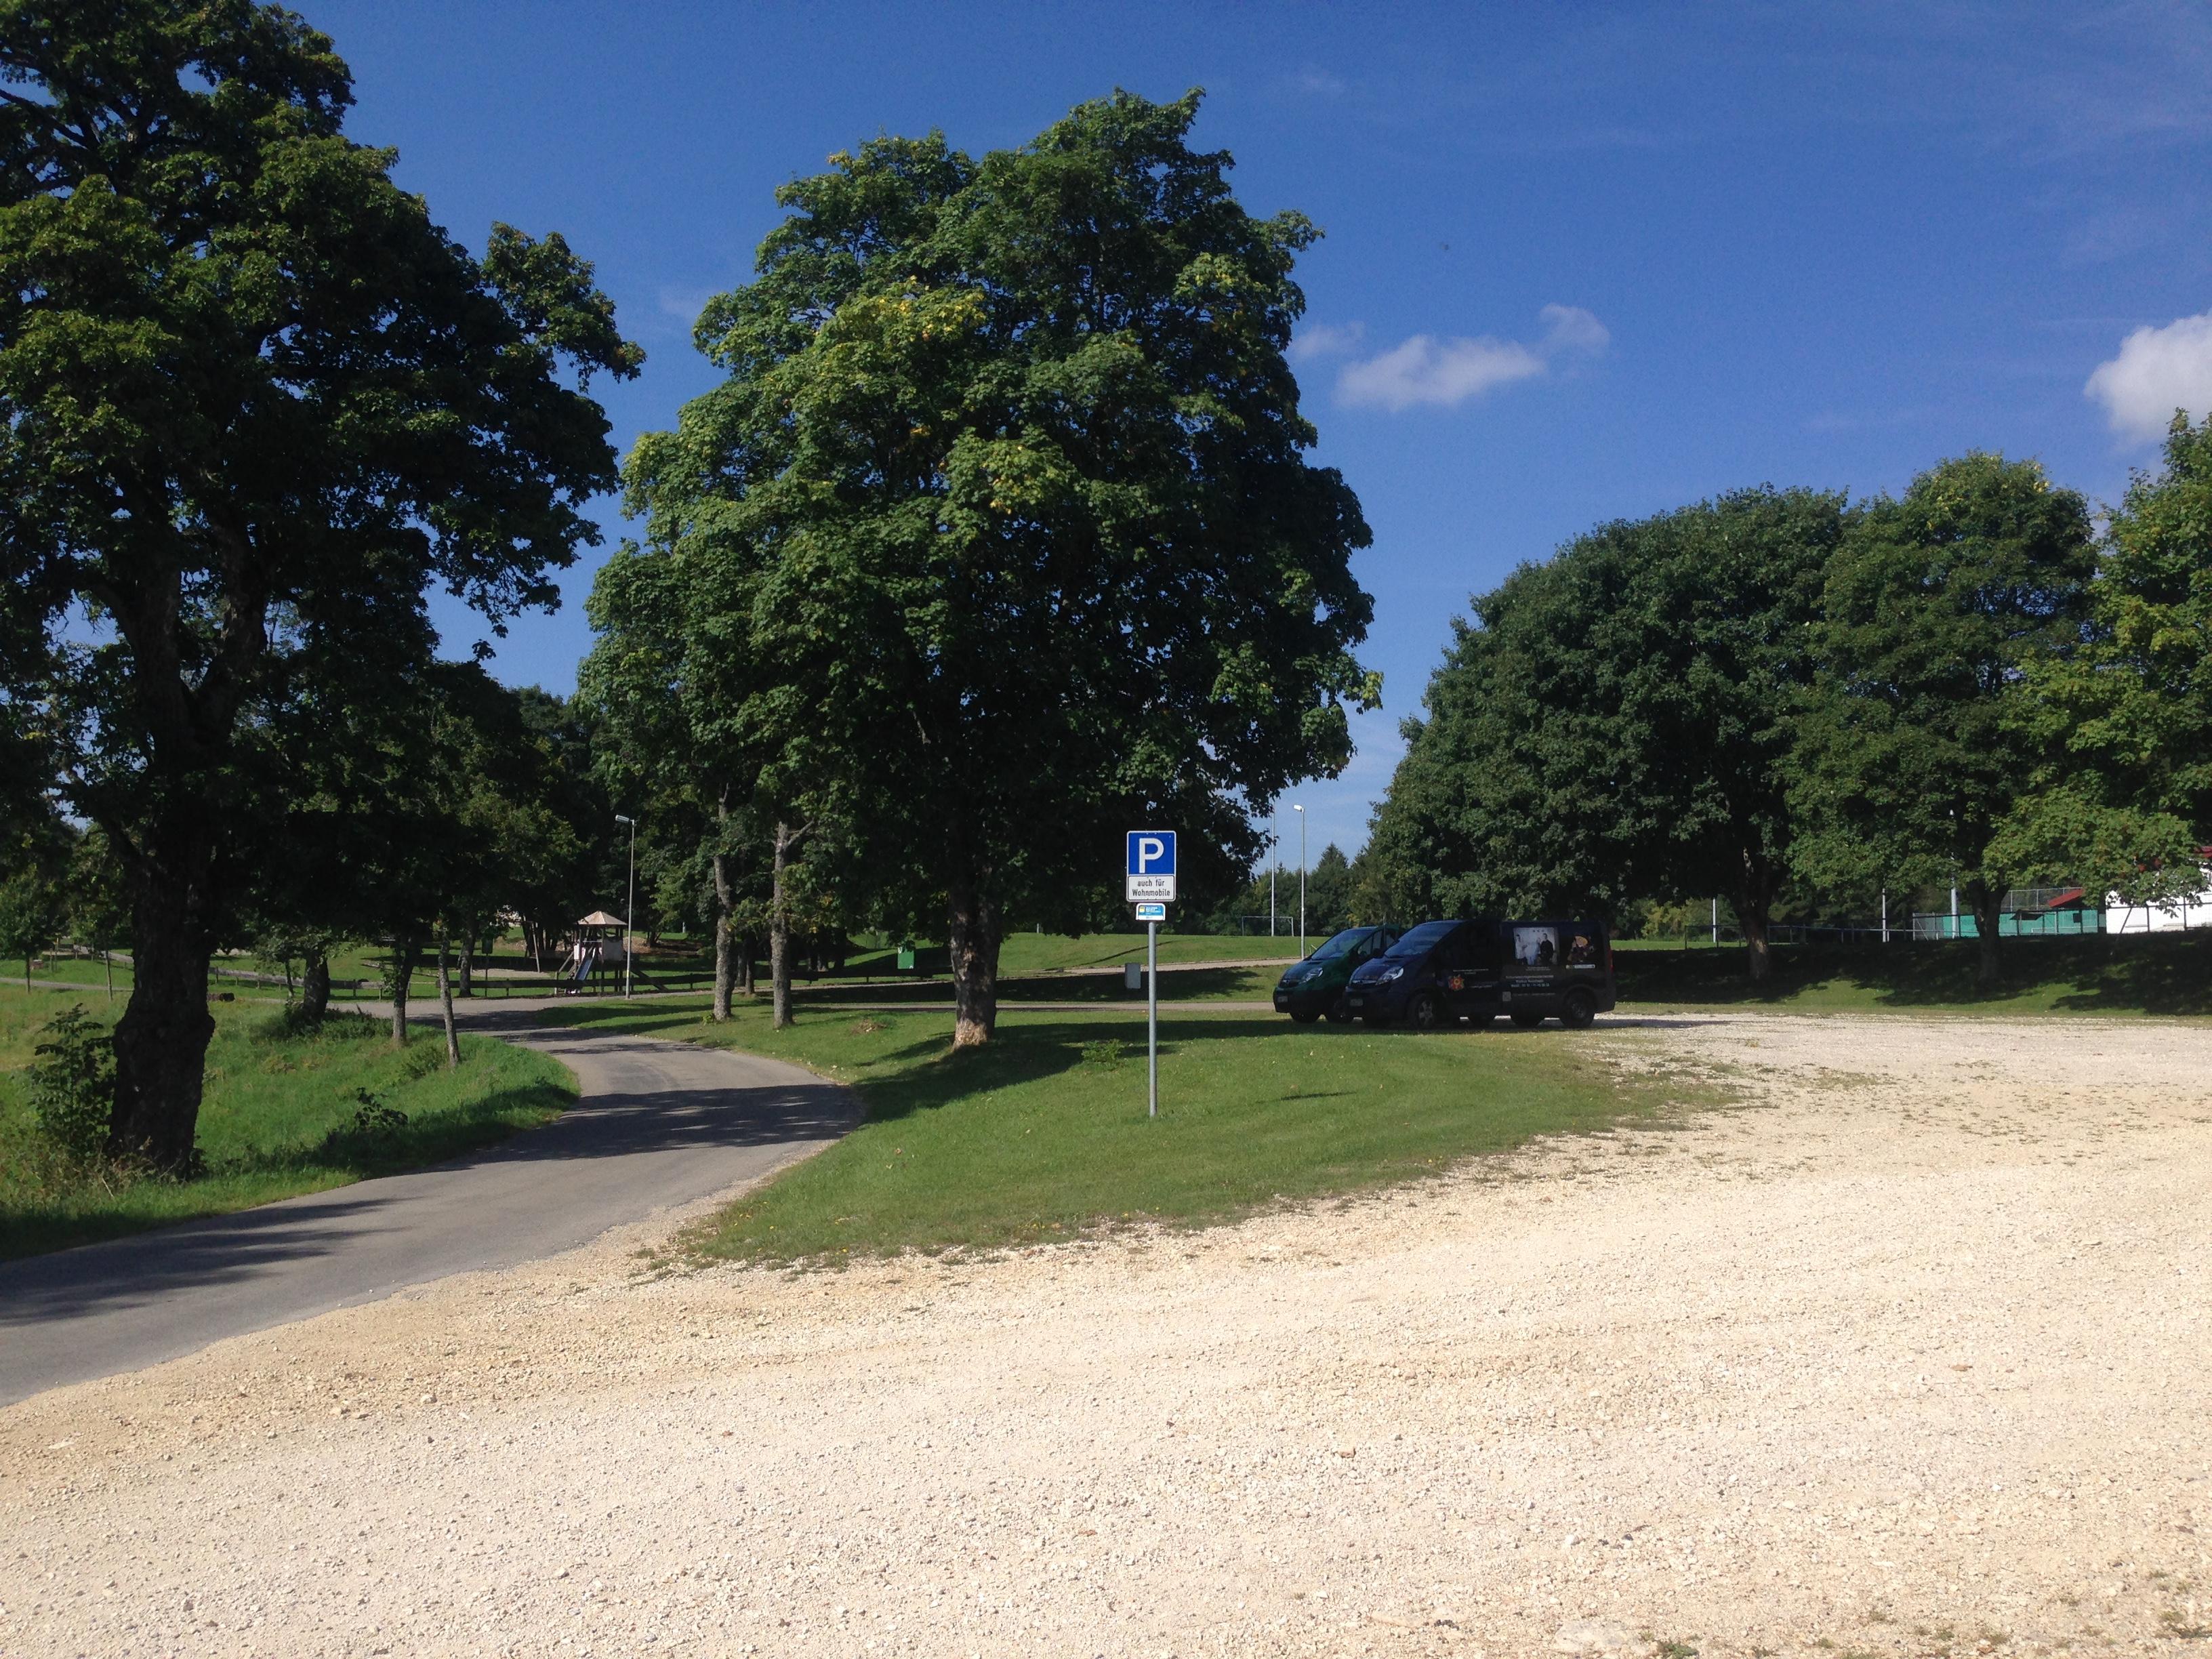 Wanderparkplatz in der Nähe des Sportplatzes Obernheim